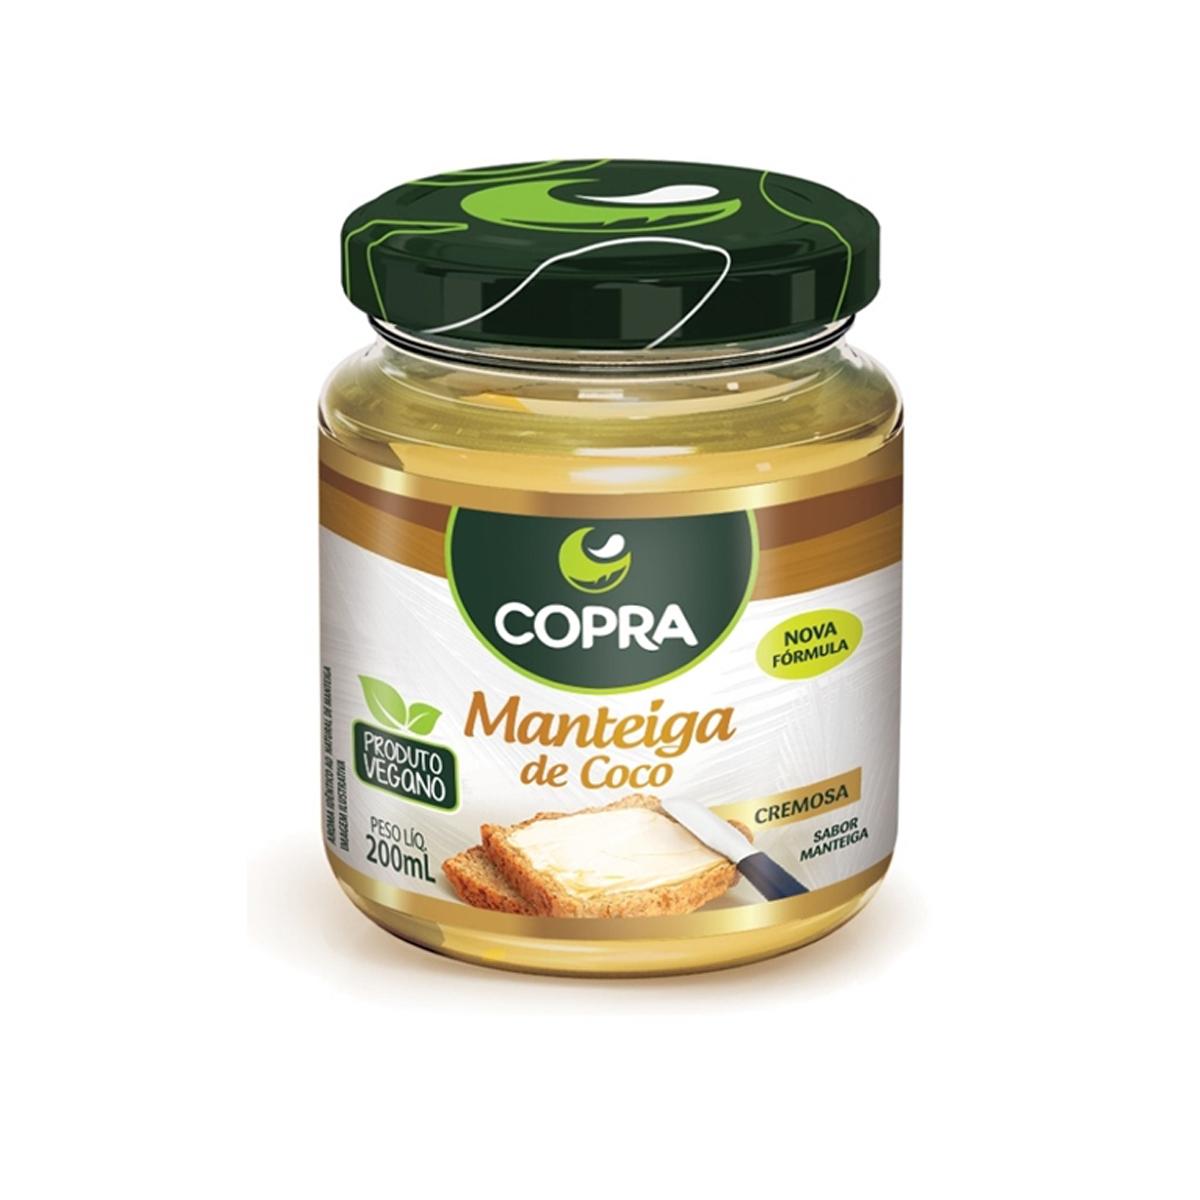 Manteiga de Coco Sabor Manteiga  200ml - Copra